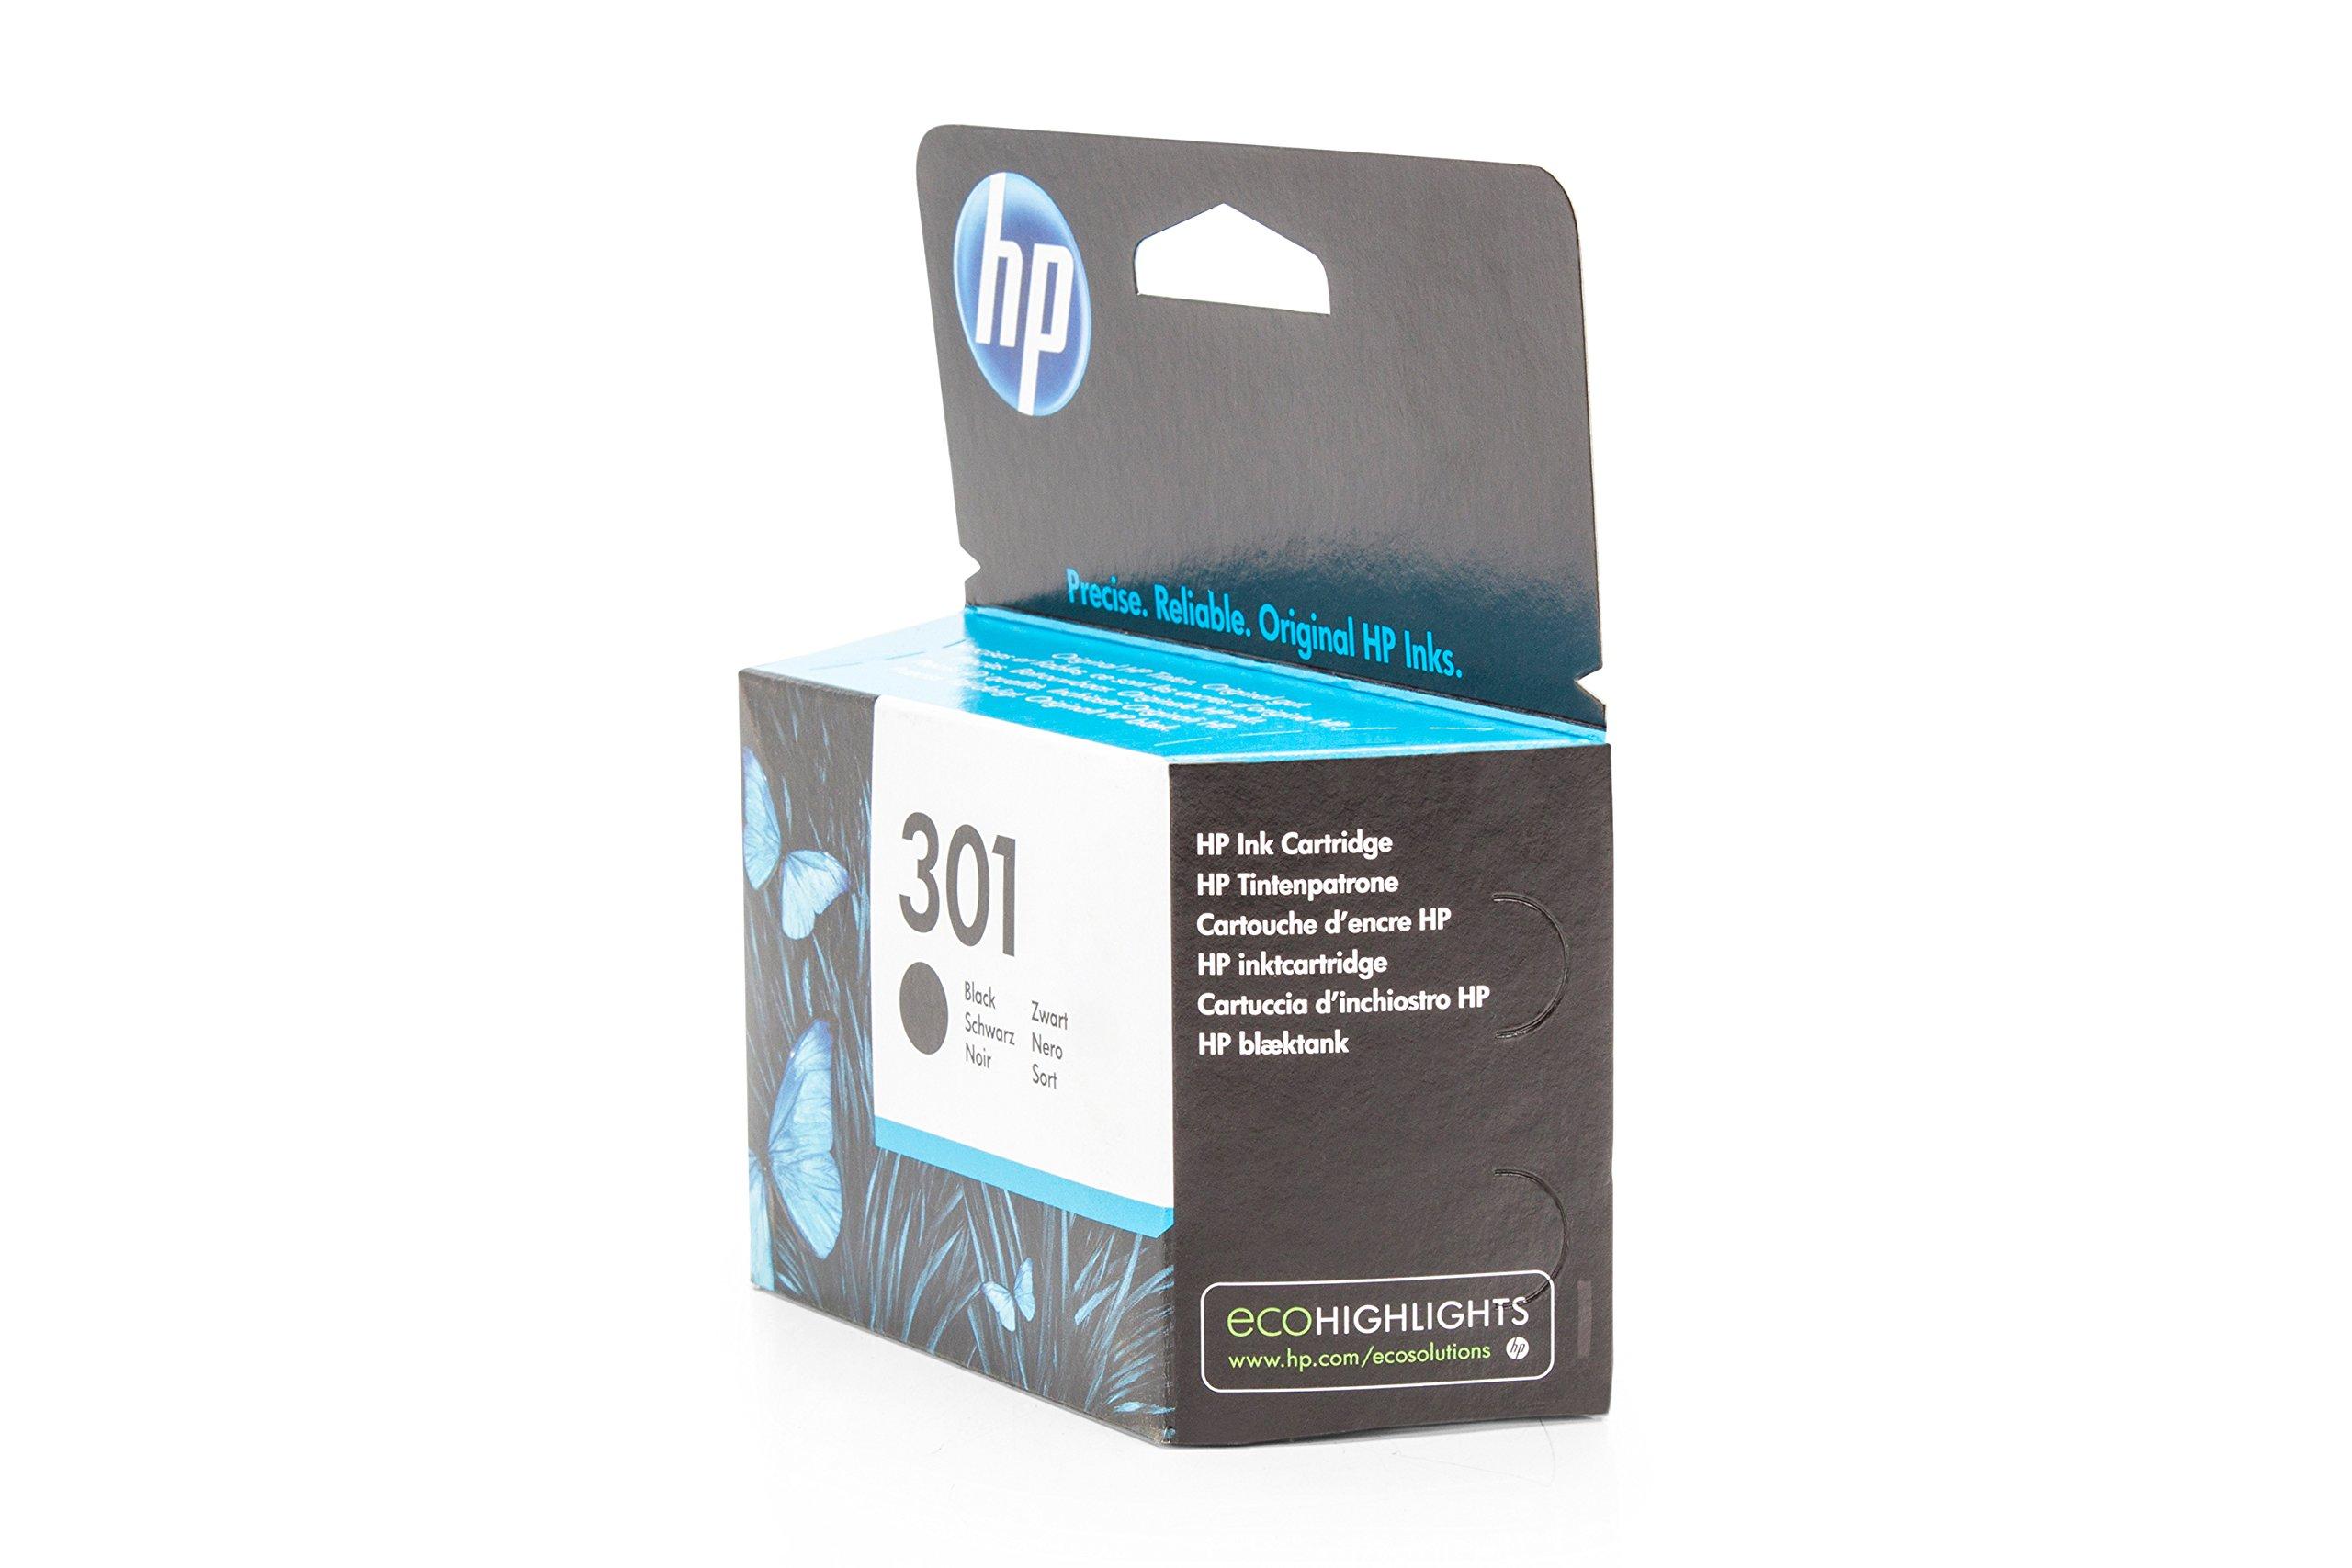 HP 301 Black Ink Cartridge - Cartucho de tinta para impresoras ...